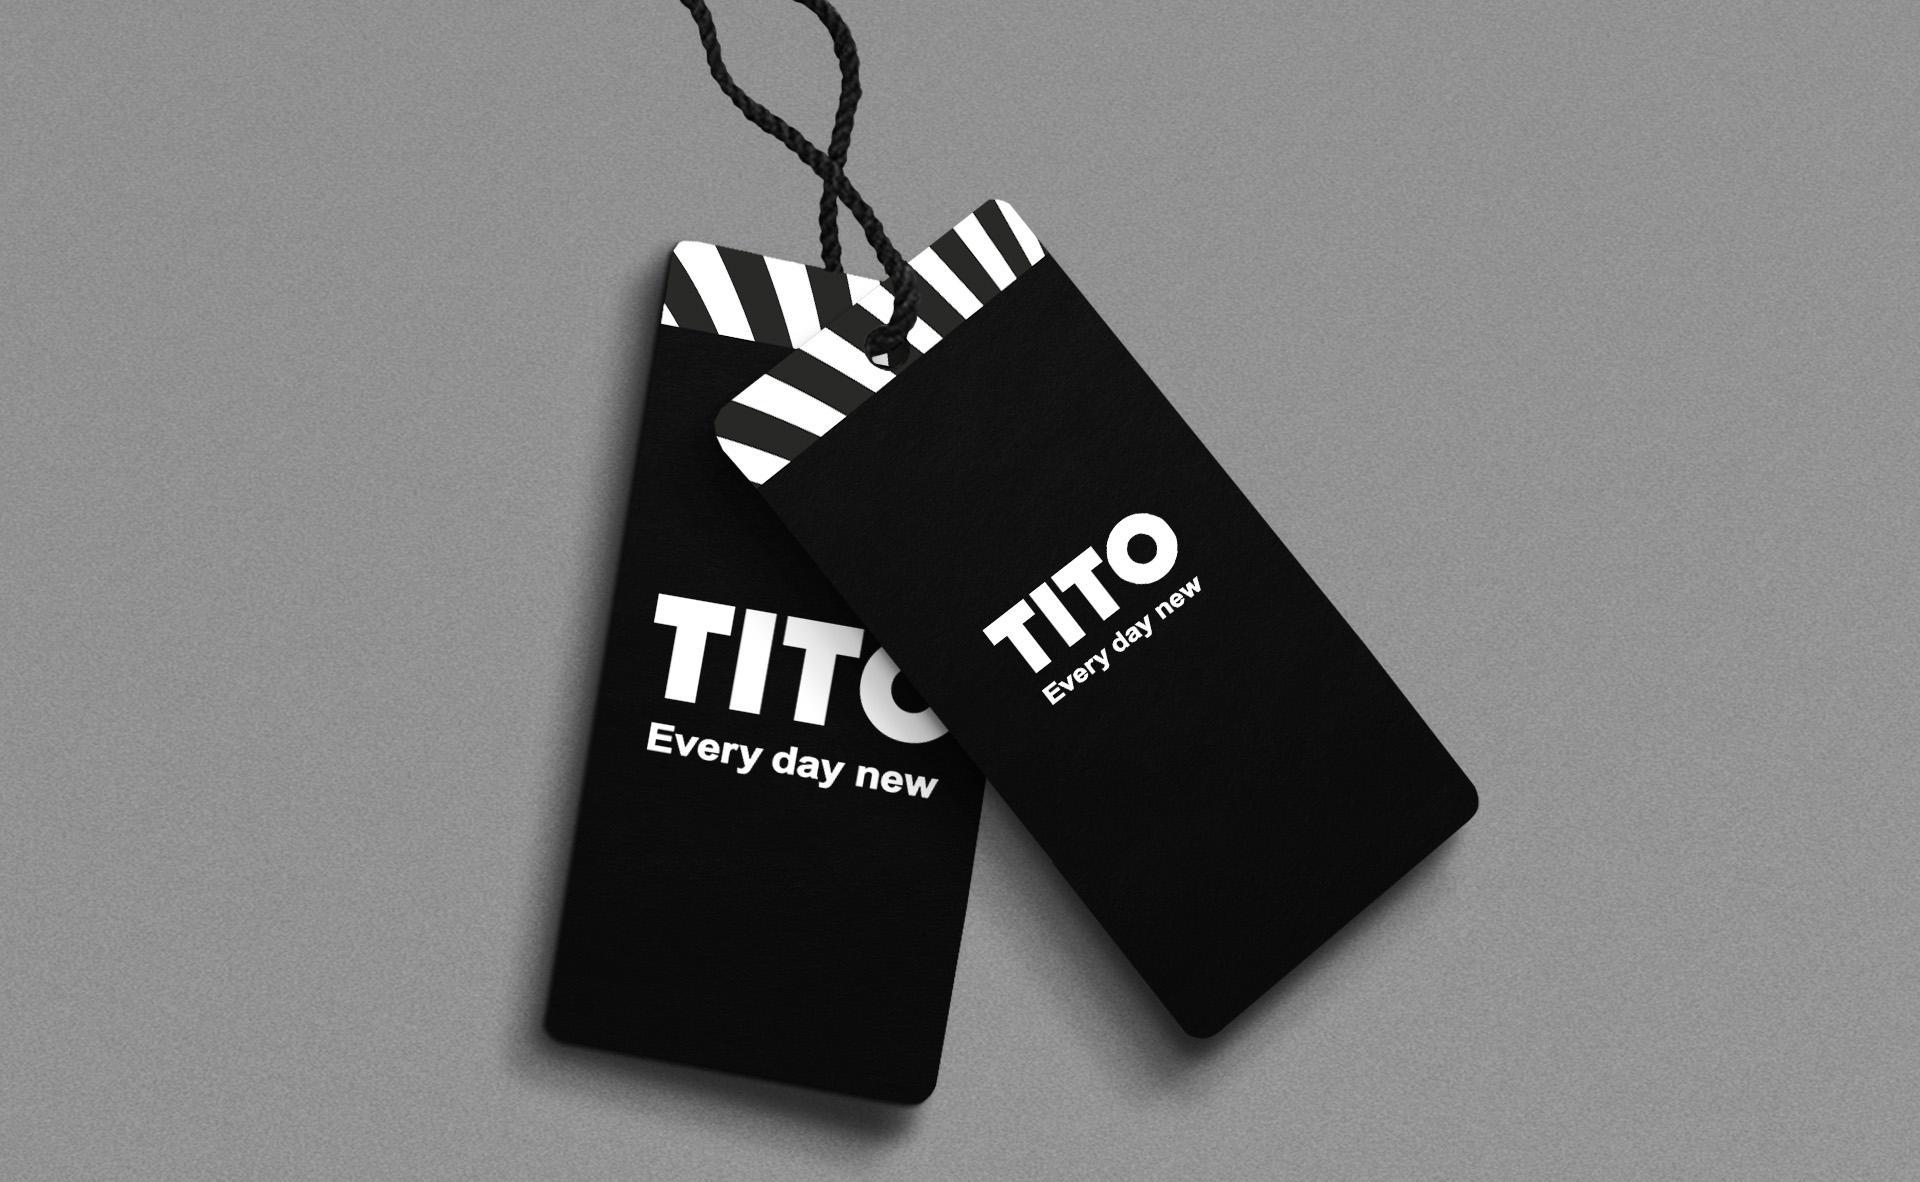 Дизайн этикетки для одежды, Clothing label design